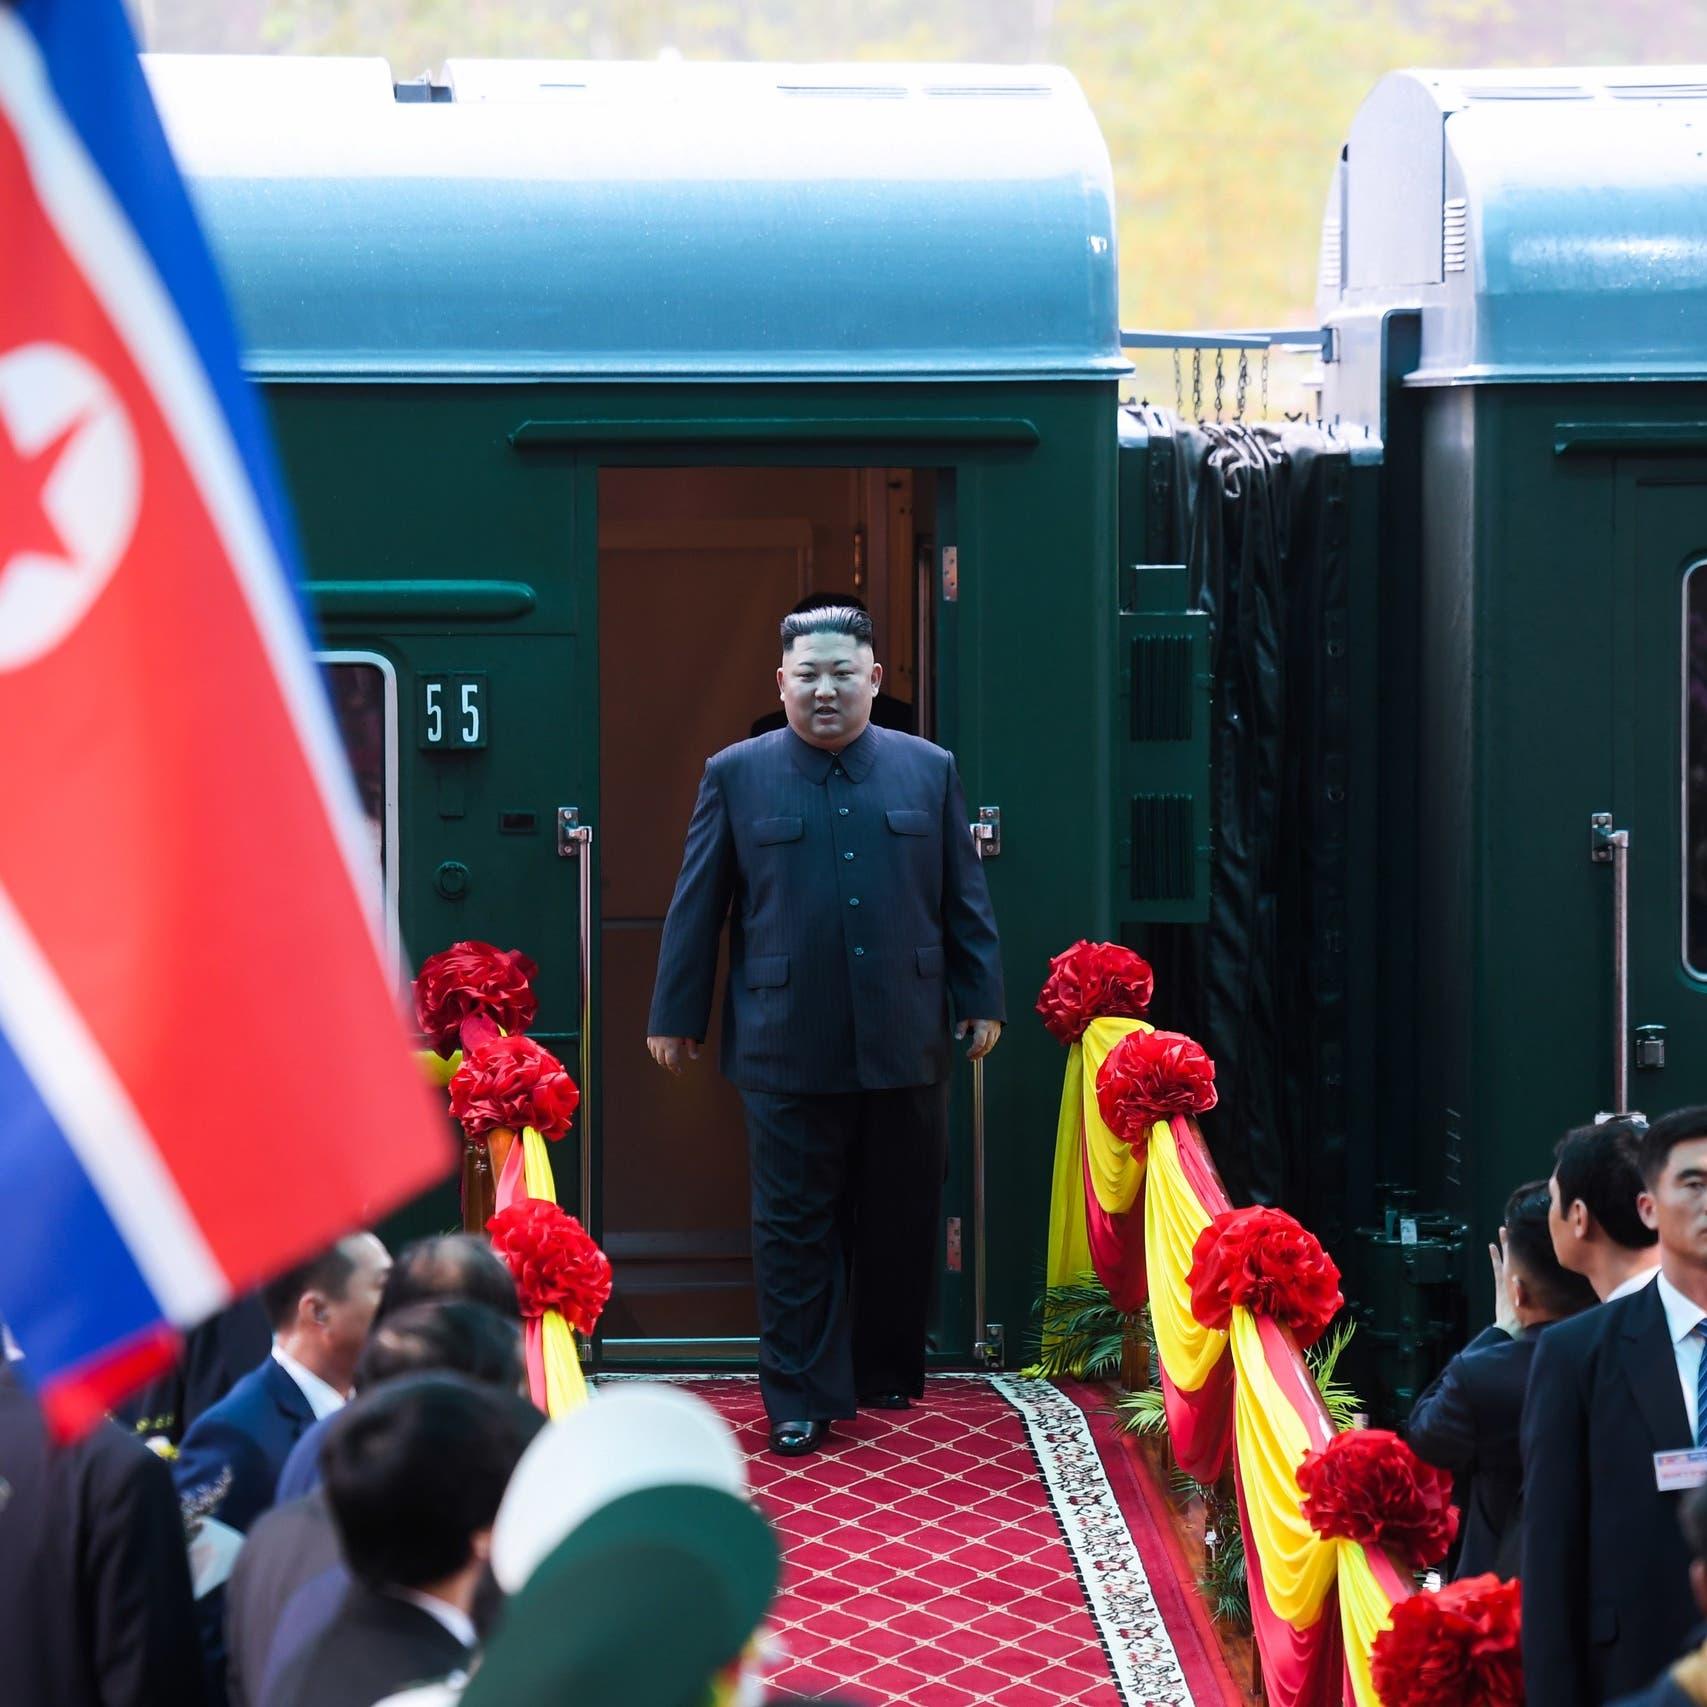 كيم يصل إلى فيتنام لحضور قمته الثانية مع ترمب